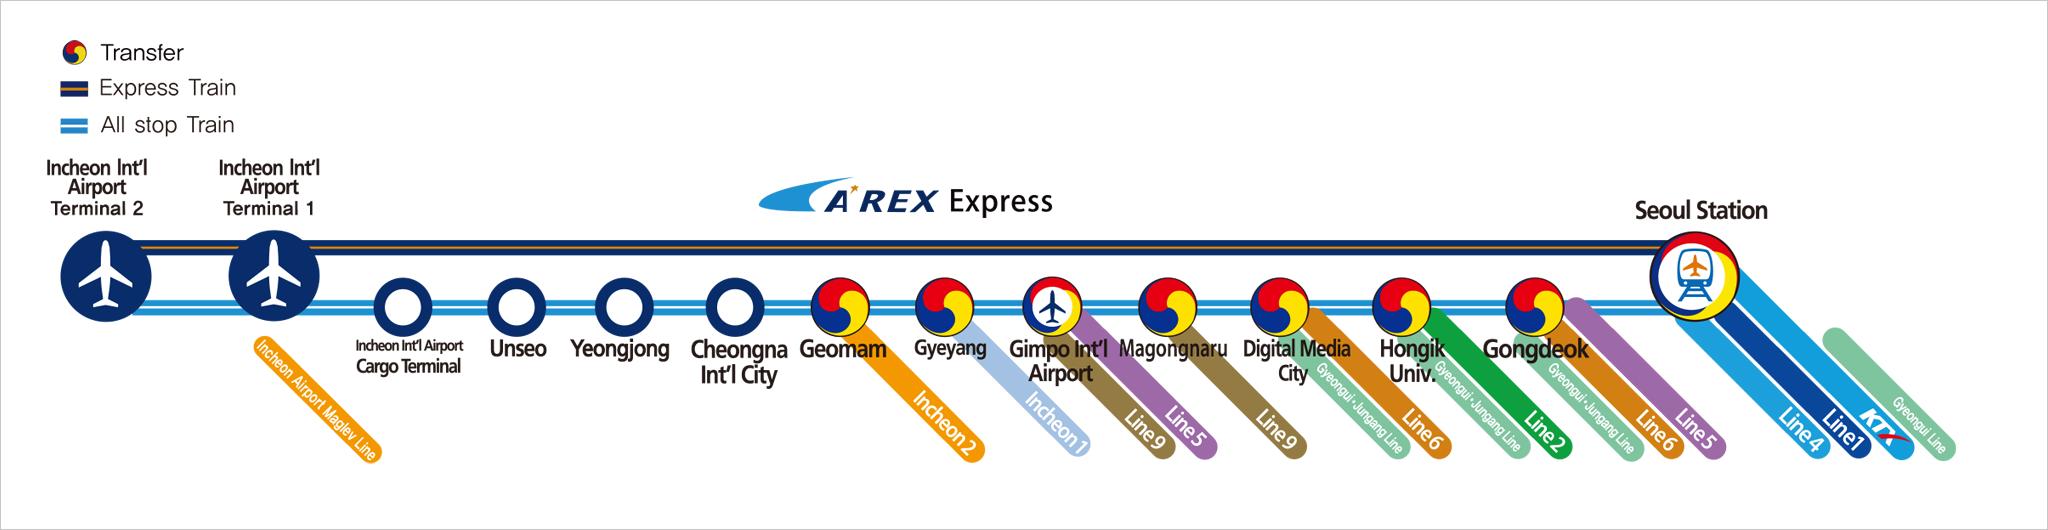 Peta Perjalanan AREX